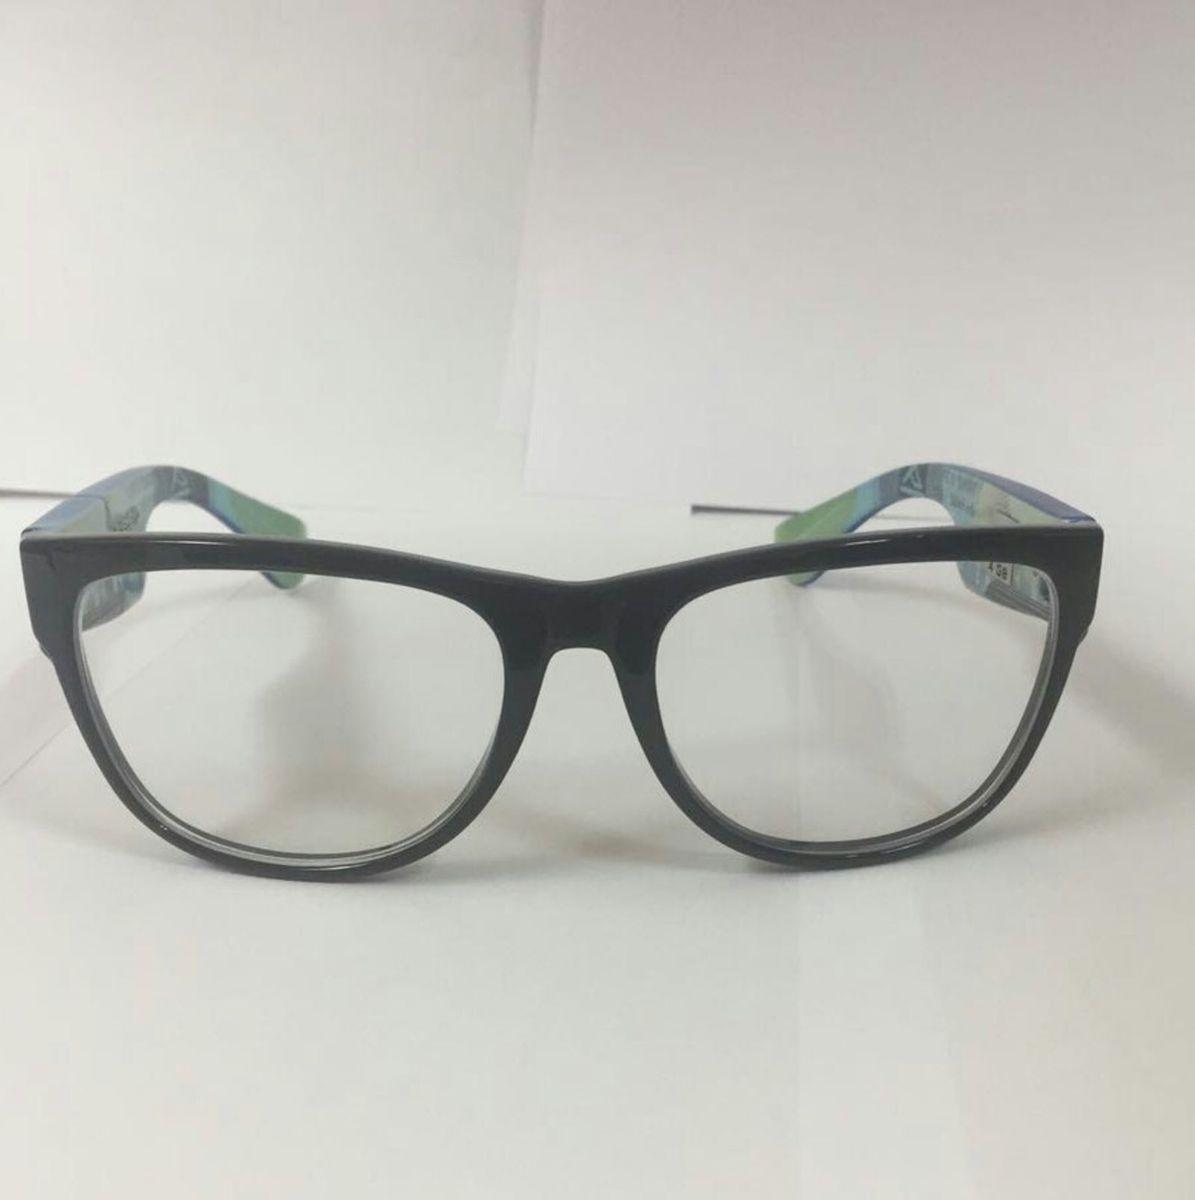 0fb9c1b8e58f7 óculos - outros reef.  Czm6ly9wag90b3muzw5qb2vplmnvbs5ici9wcm9kdwn0cy82odewmzu0l2q4ytflogqymzgyzdk1ngiwytg0njzjmge3n2nknjrhlmpwzw  ...